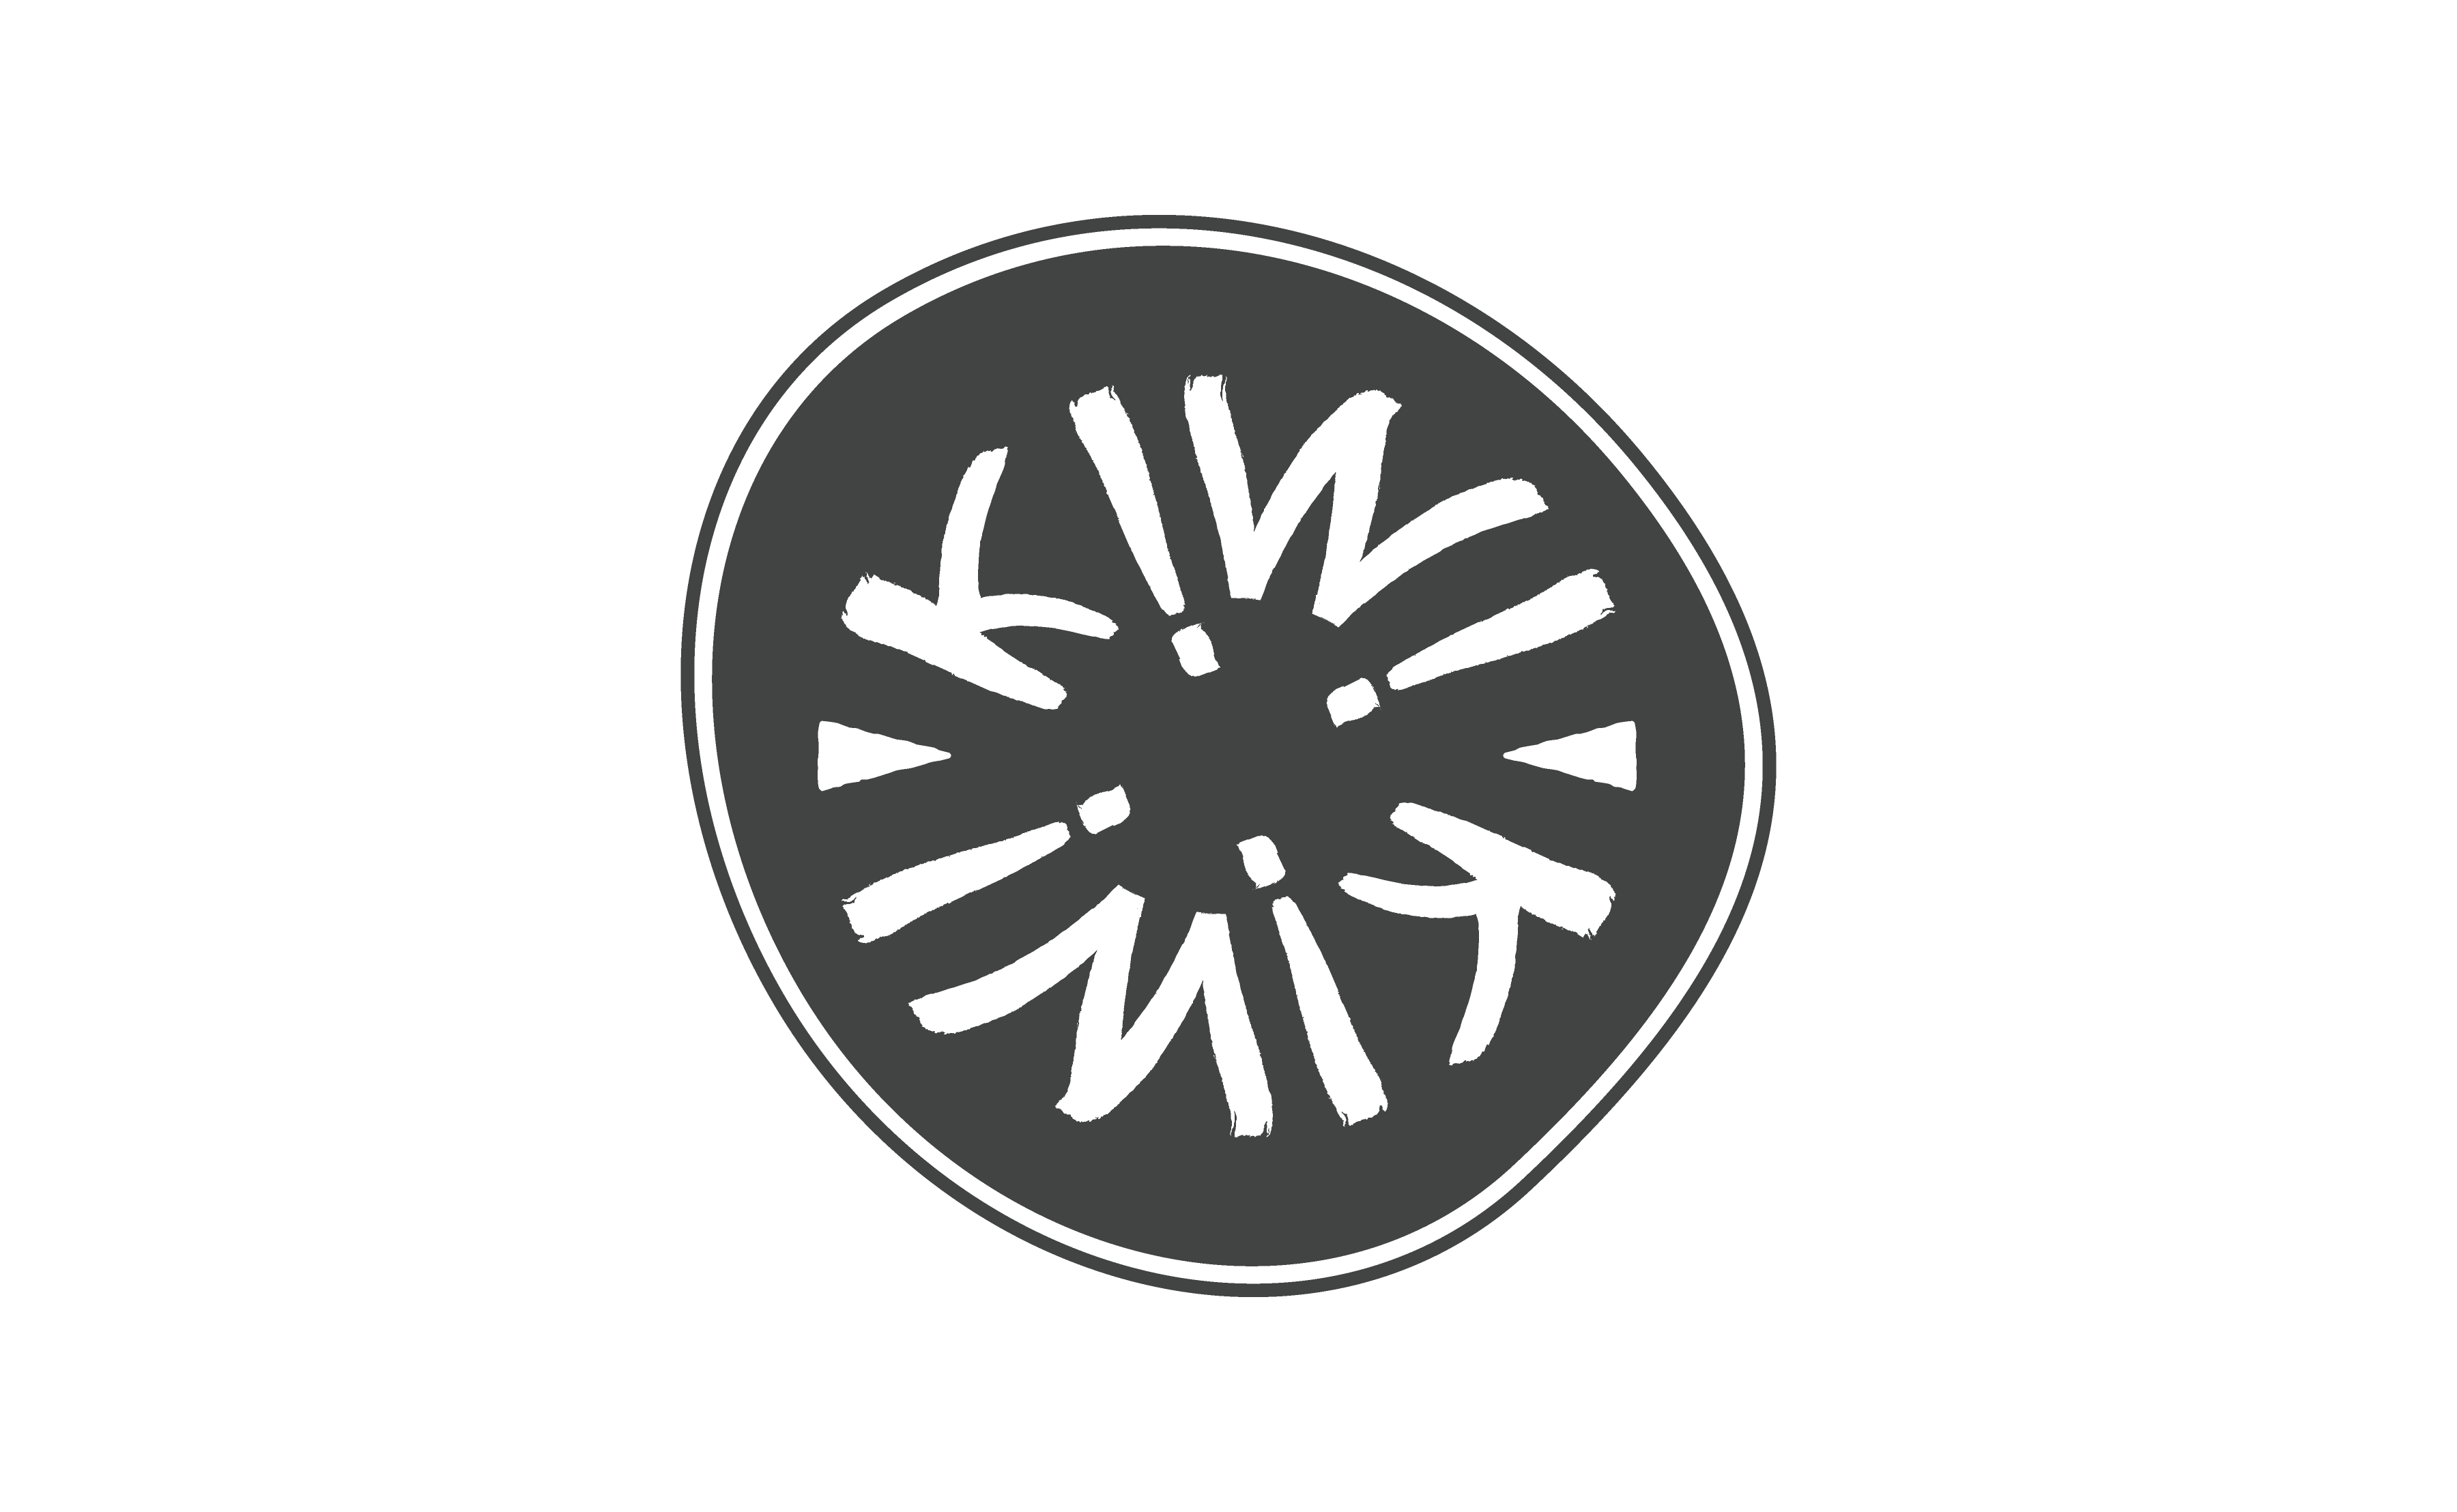 Kiwi Brand Logo